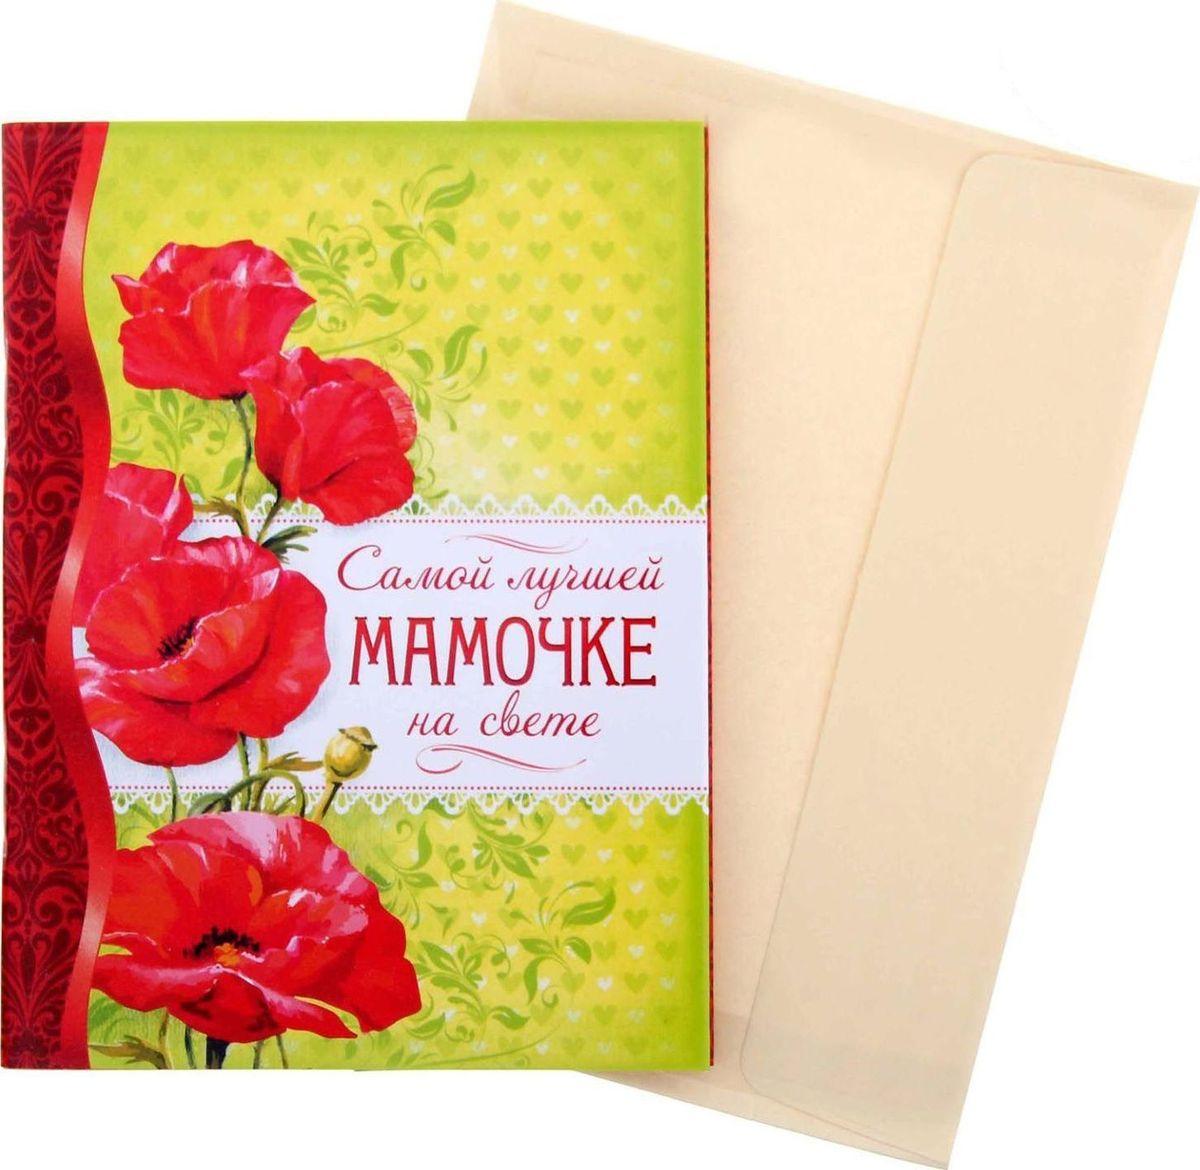 Блокнот-открытка Мамочке 32 листа1104974Блокнот-открытка Мамочке сочетает в себе красоту и практичность. Он содержит приятные пожелания от близких людей, а 32 дизайнерских листа с бархатной фактурой подарят отличное настроение владельцу. В отличие от обычной открытки, которая будет пылиться в шкафу, блокнотом приятно пользоваться! Изделие дополнено универсальным конвертом, подпишите его и вручите сувенир адресату на любой праздник.Содержит 32 листа.